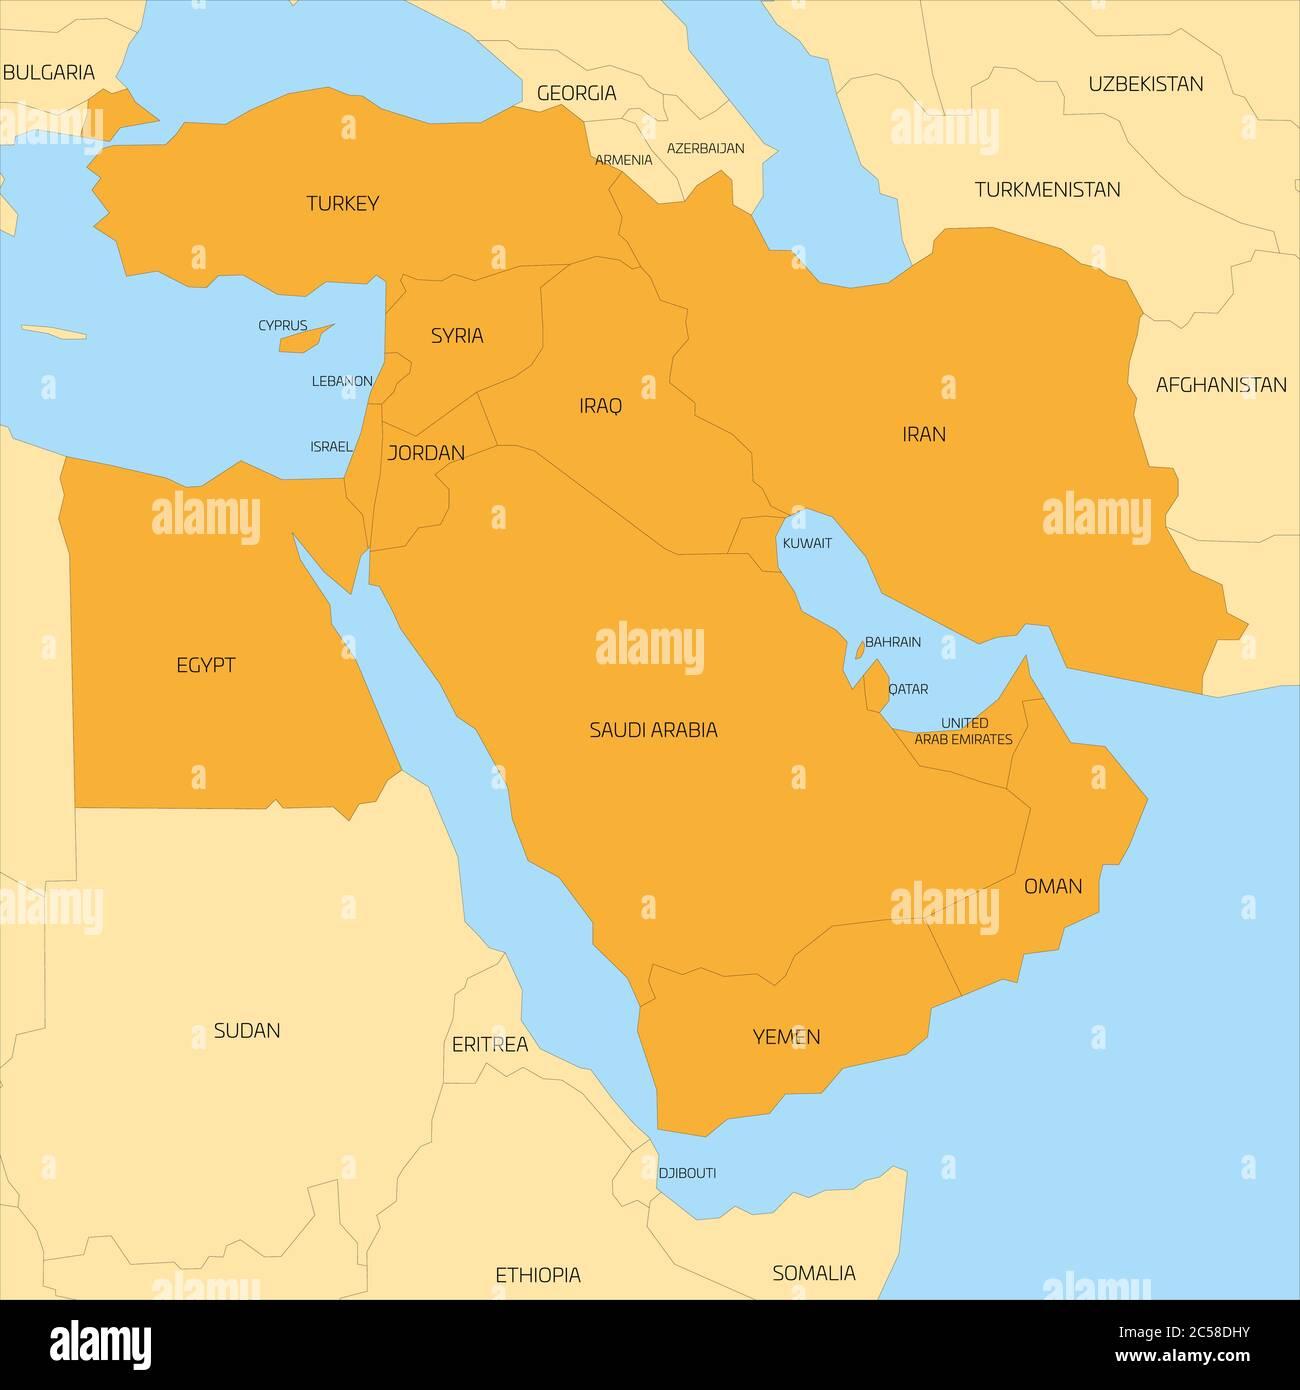 Picture of: Mapa De La Region Transcontinental De Oriente Medio O Cercano Oriente Con Paises De Asia Occidental